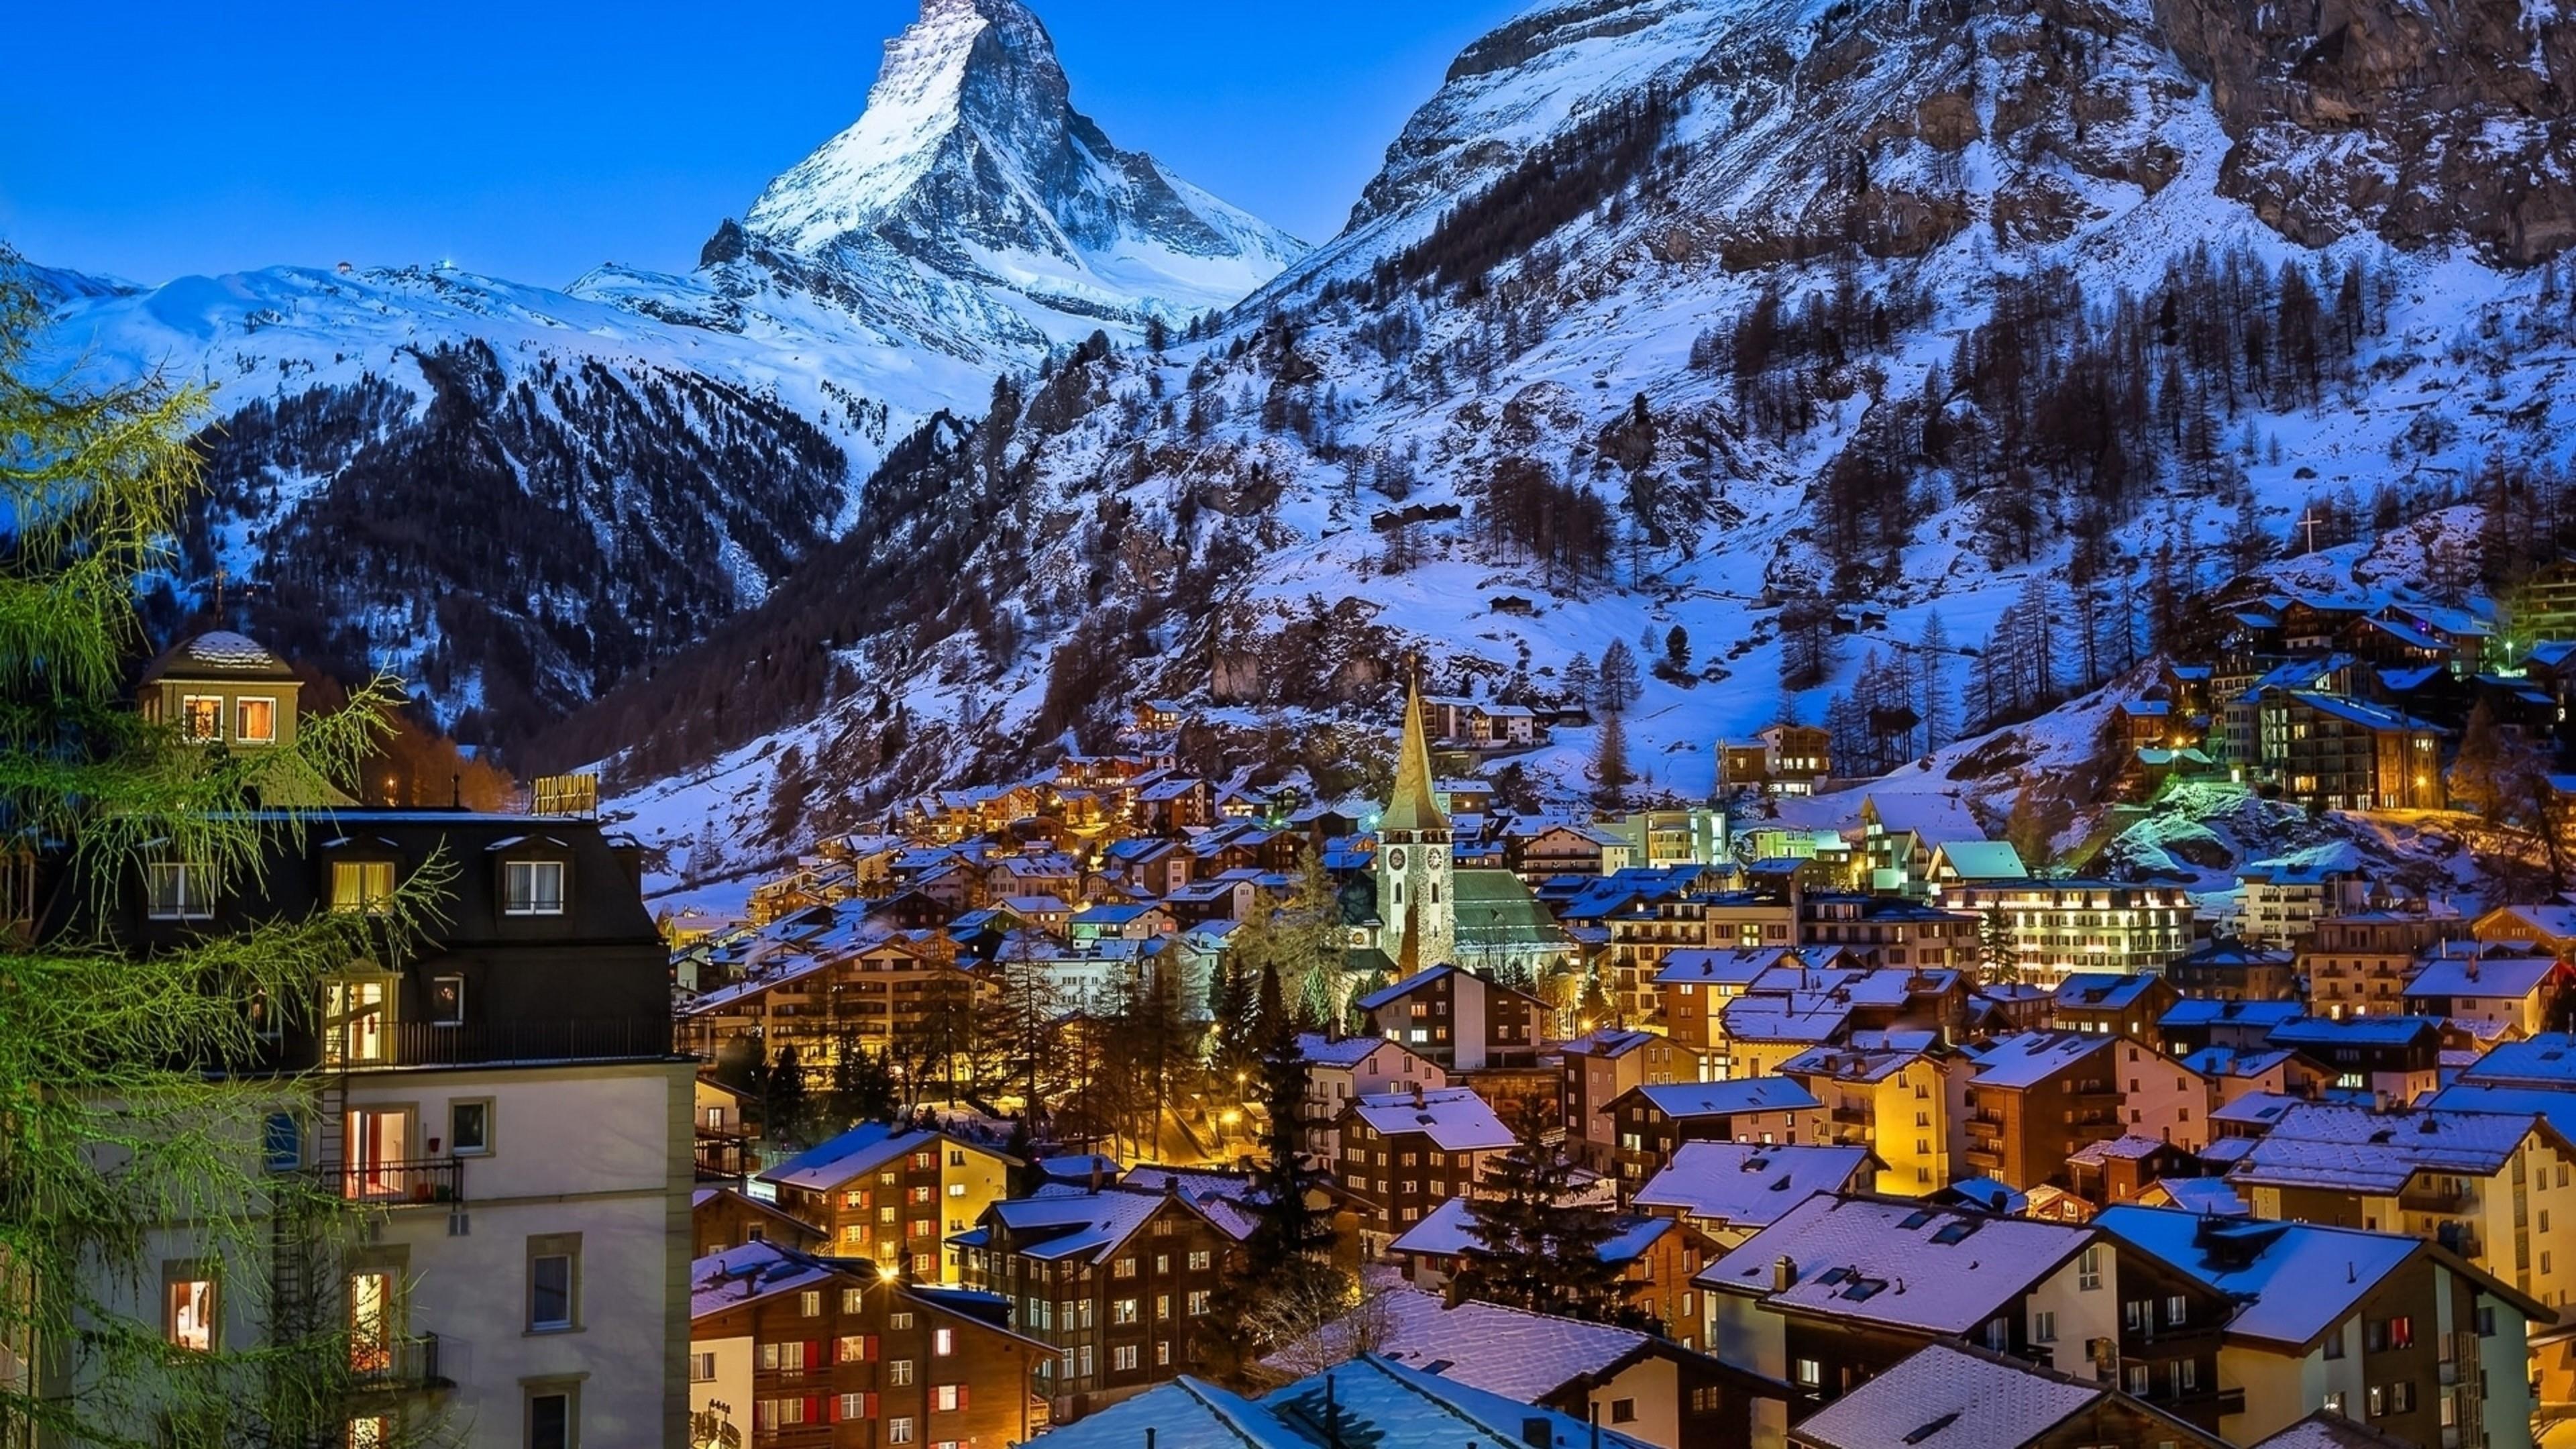 Zermatt - Switzerland wallpaper